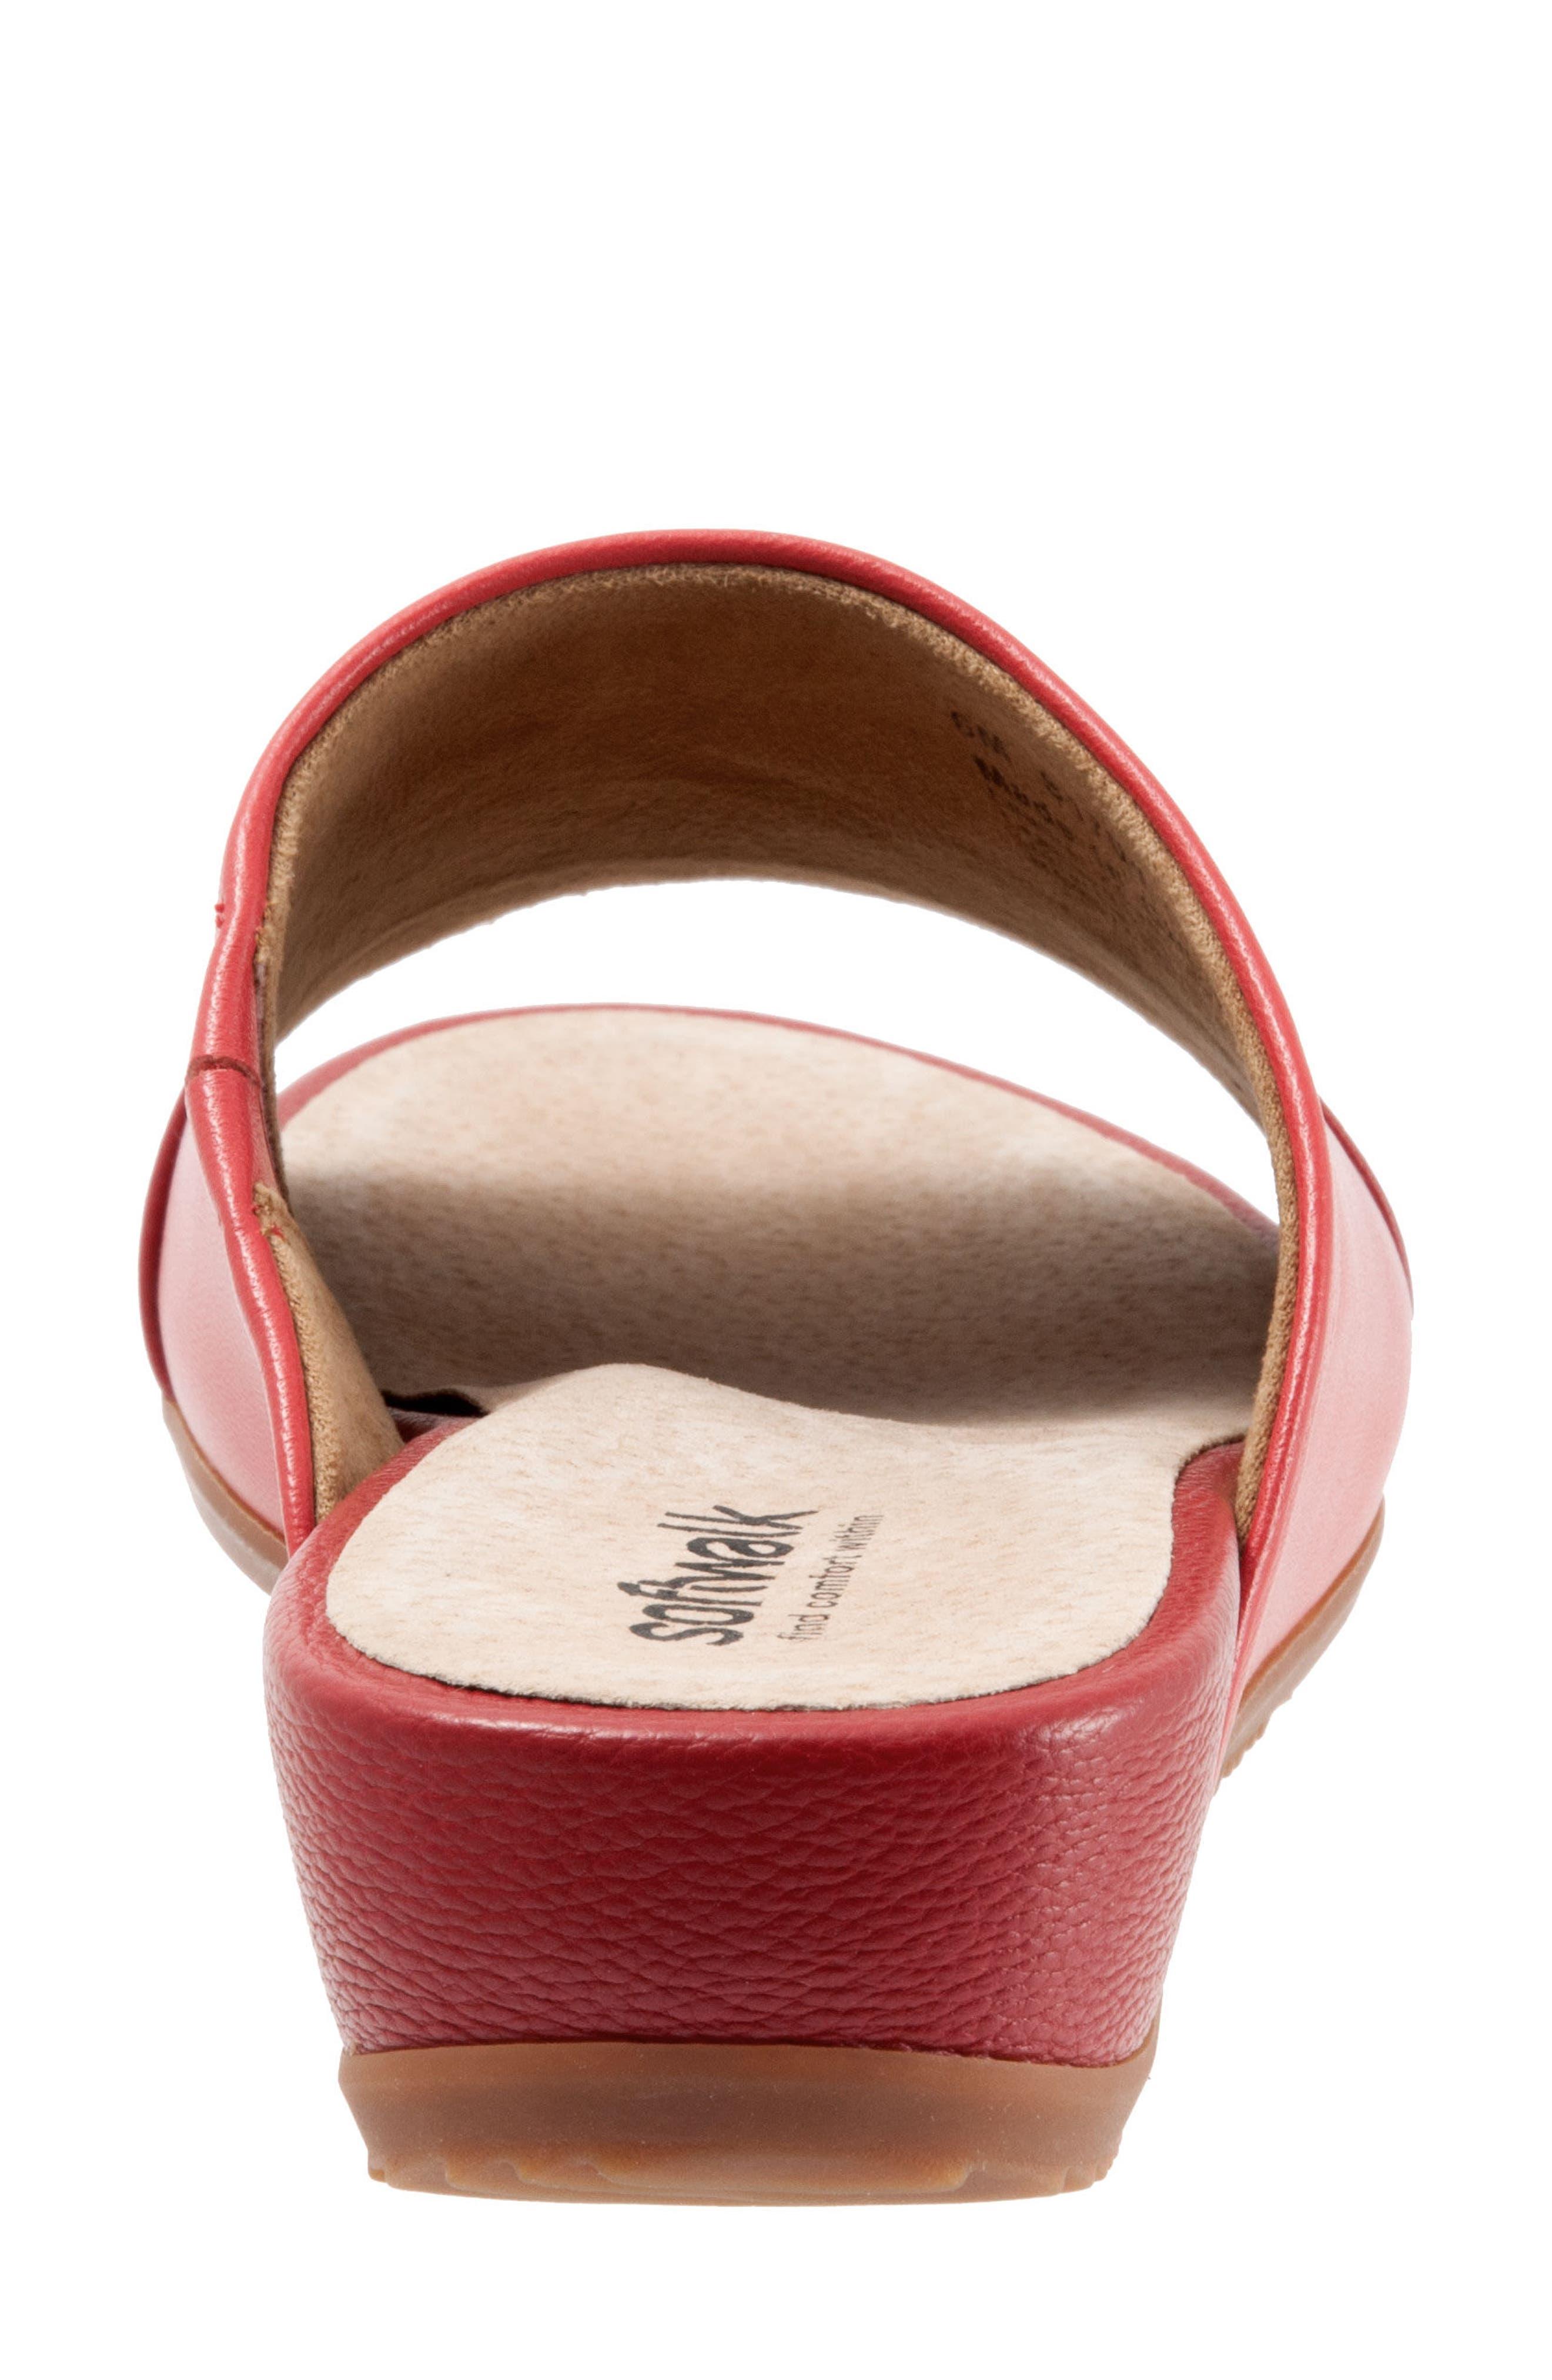 SOFTWALK<SUP>®</SUP>, Del Mar Slide Sandal, Alternate thumbnail 7, color, RED LEATHER